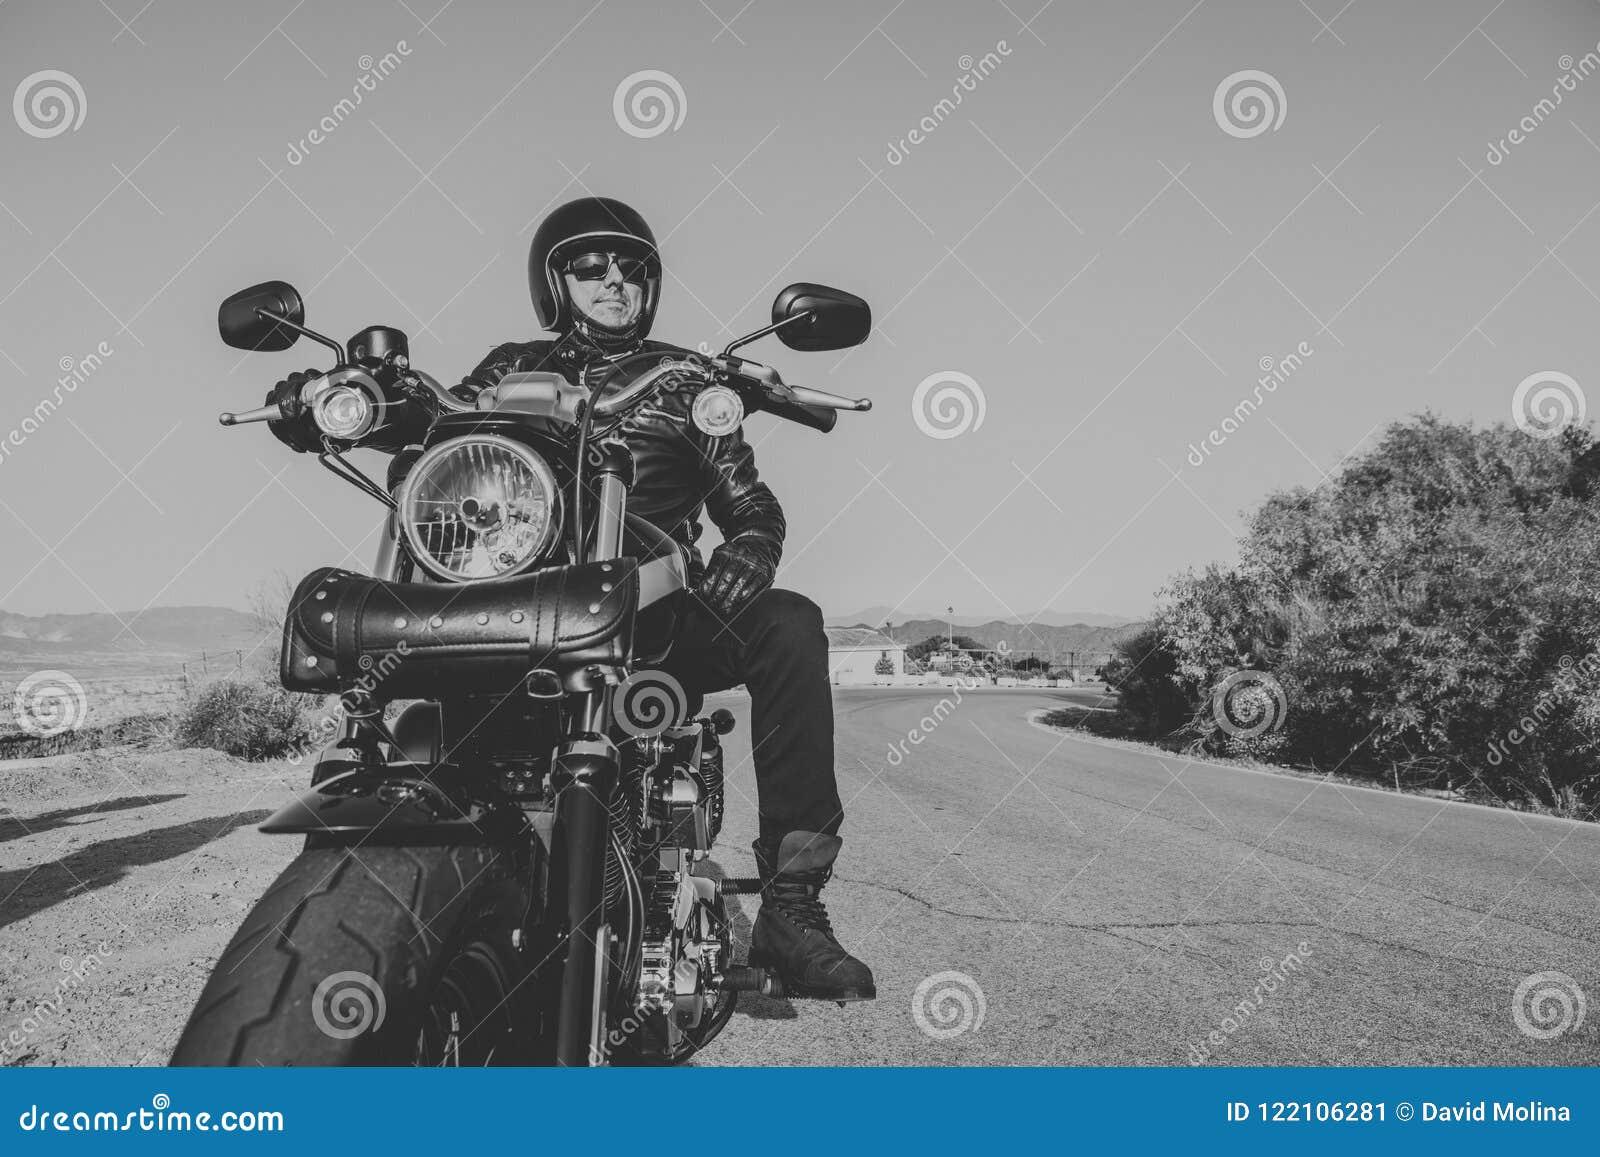 Γραπτό πορτρέτο του ατόμου με το μαύρα κράνος, το σακάκι και τα γυαλιά ηλίου που στέκονται σε μια κλασική αμερικανική μοτοσικλέτα